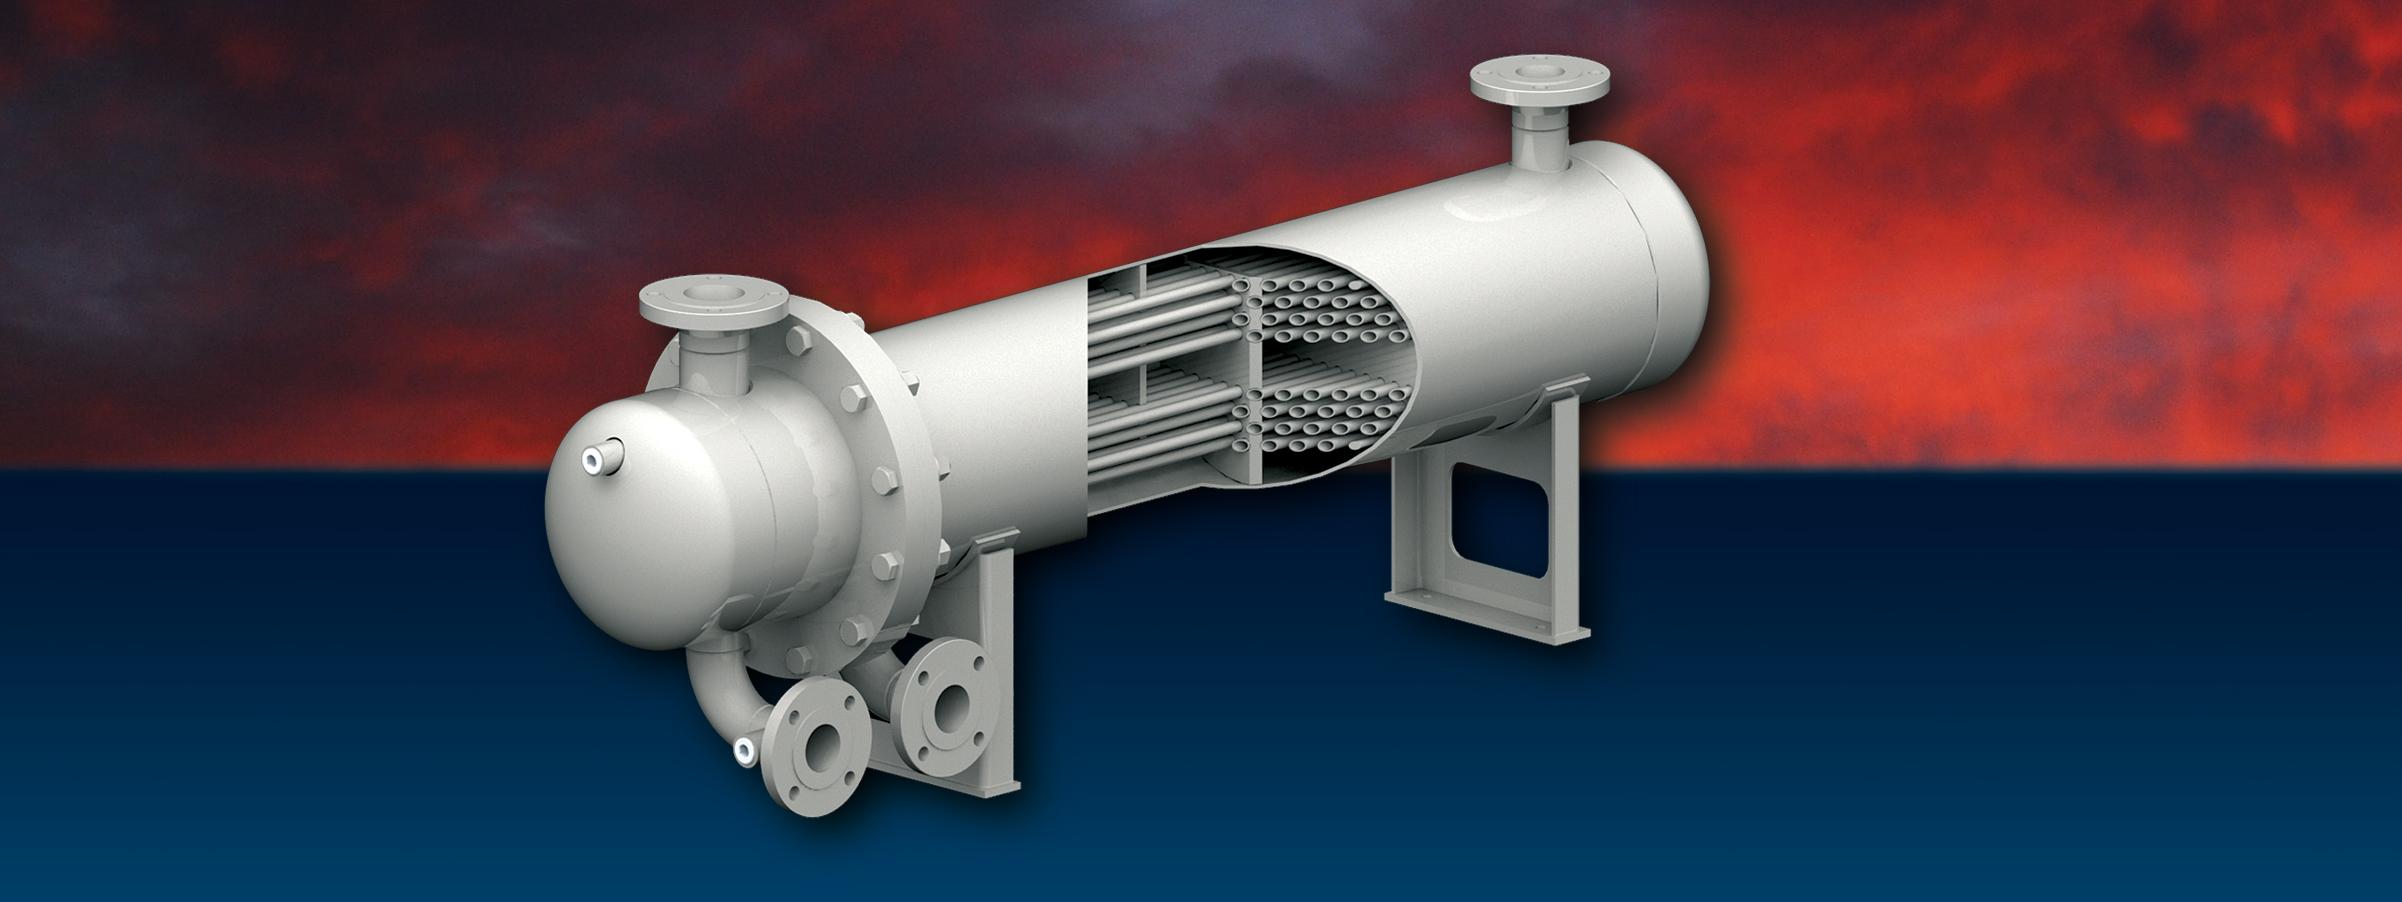 ASME Pressure Vessel Fabrication Repair   CS&P Technologies